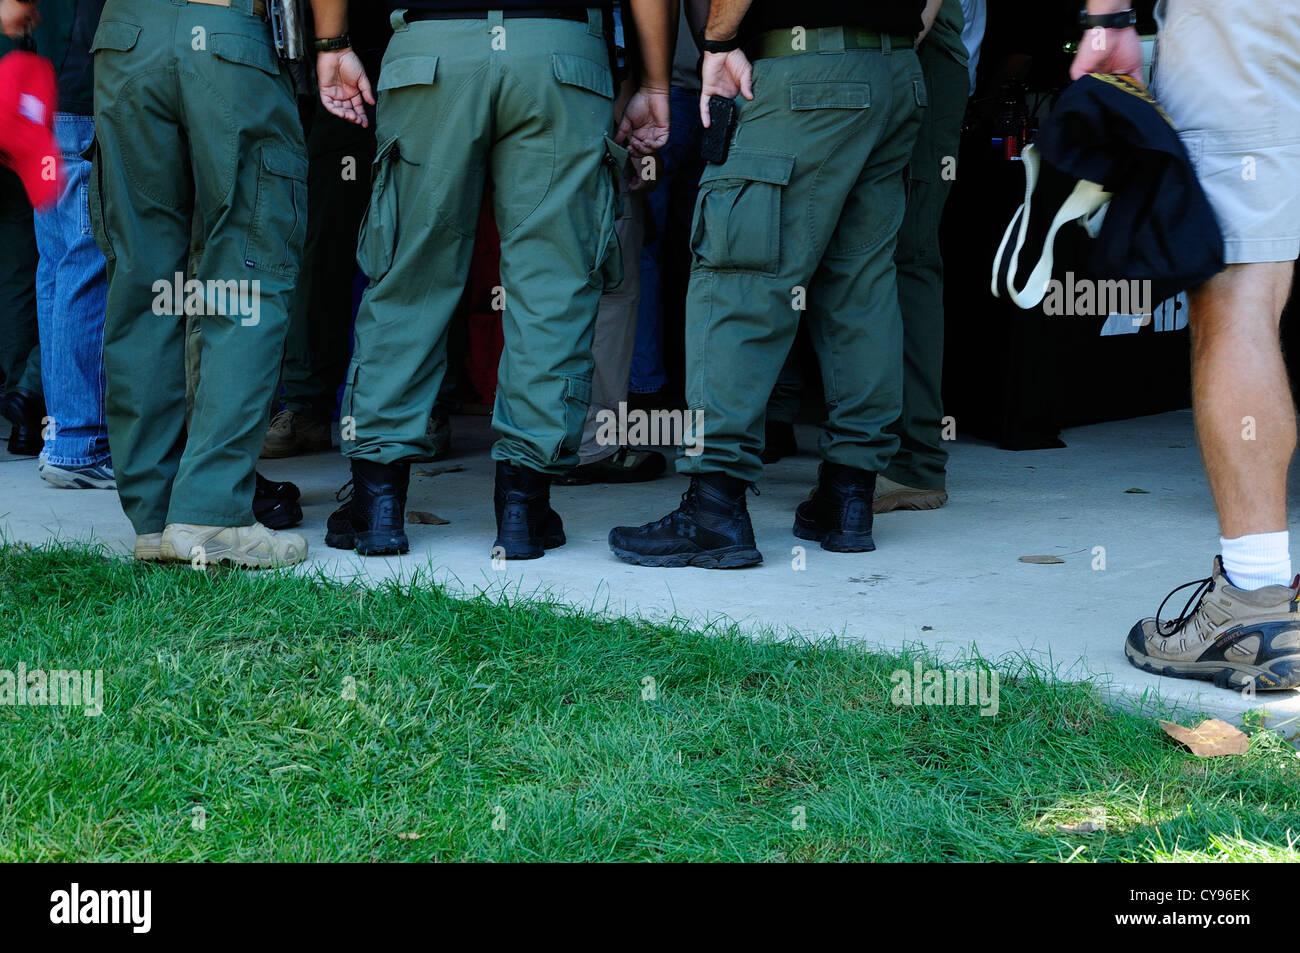 SWAT-Team-Mitglieder sammeln auf Equipment Suppliers Convention. Stockfoto